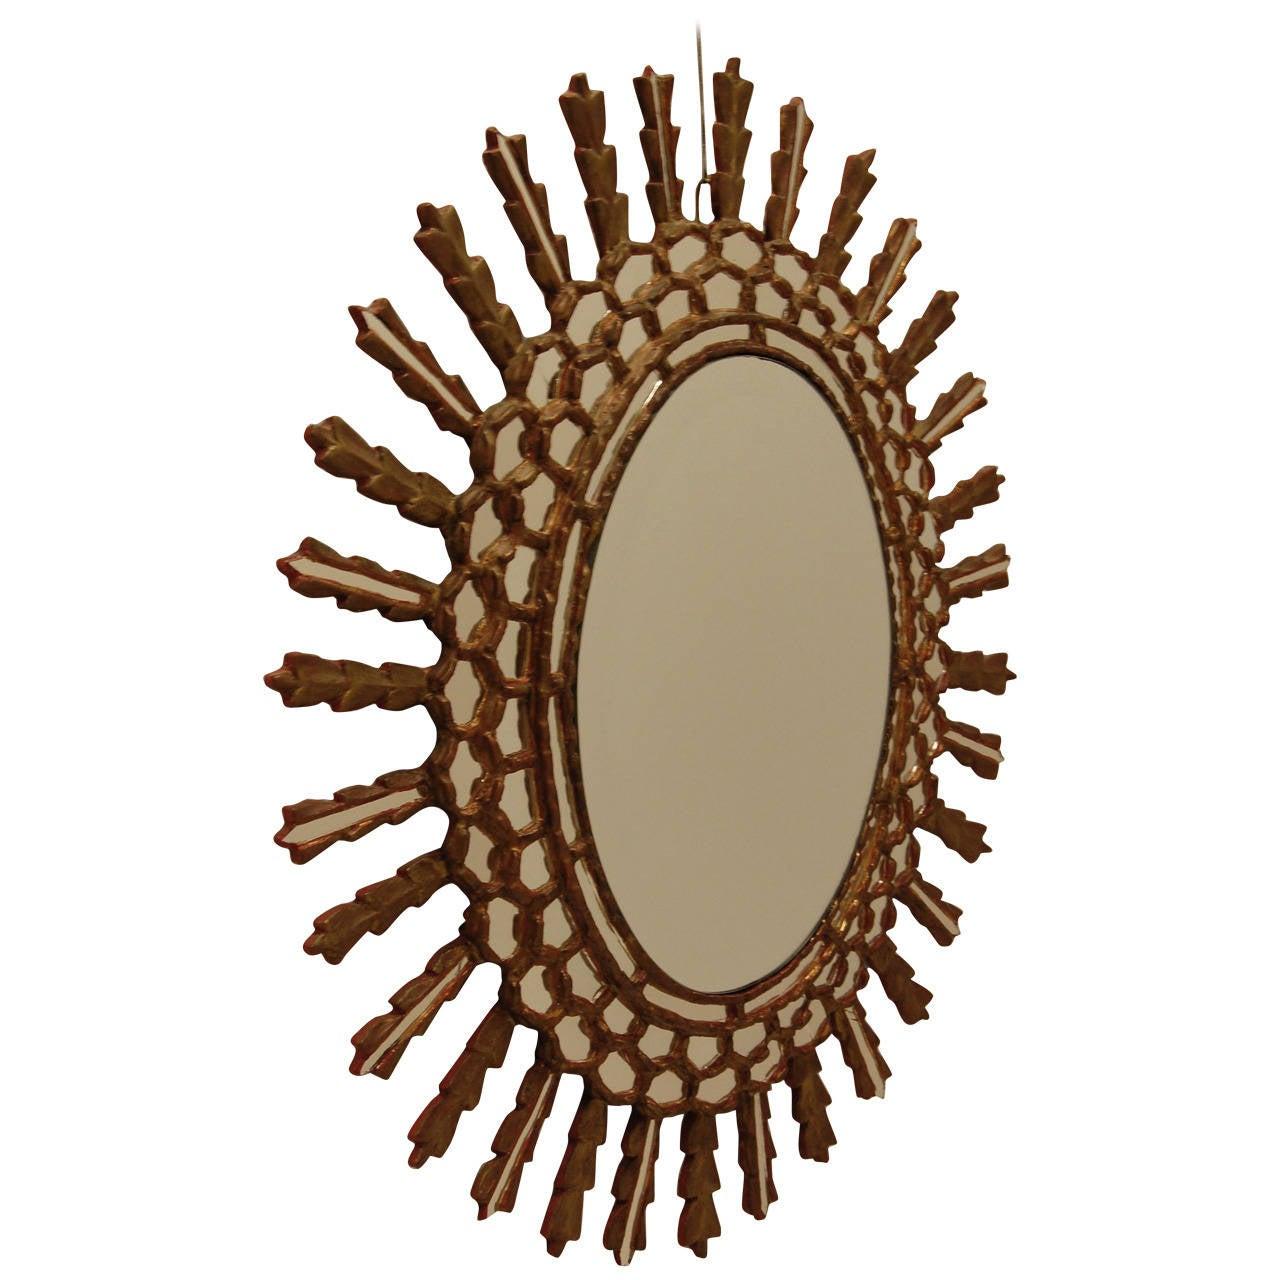 Oval italian sunburst style wall mirror mid 20th century for Sunburst mirror